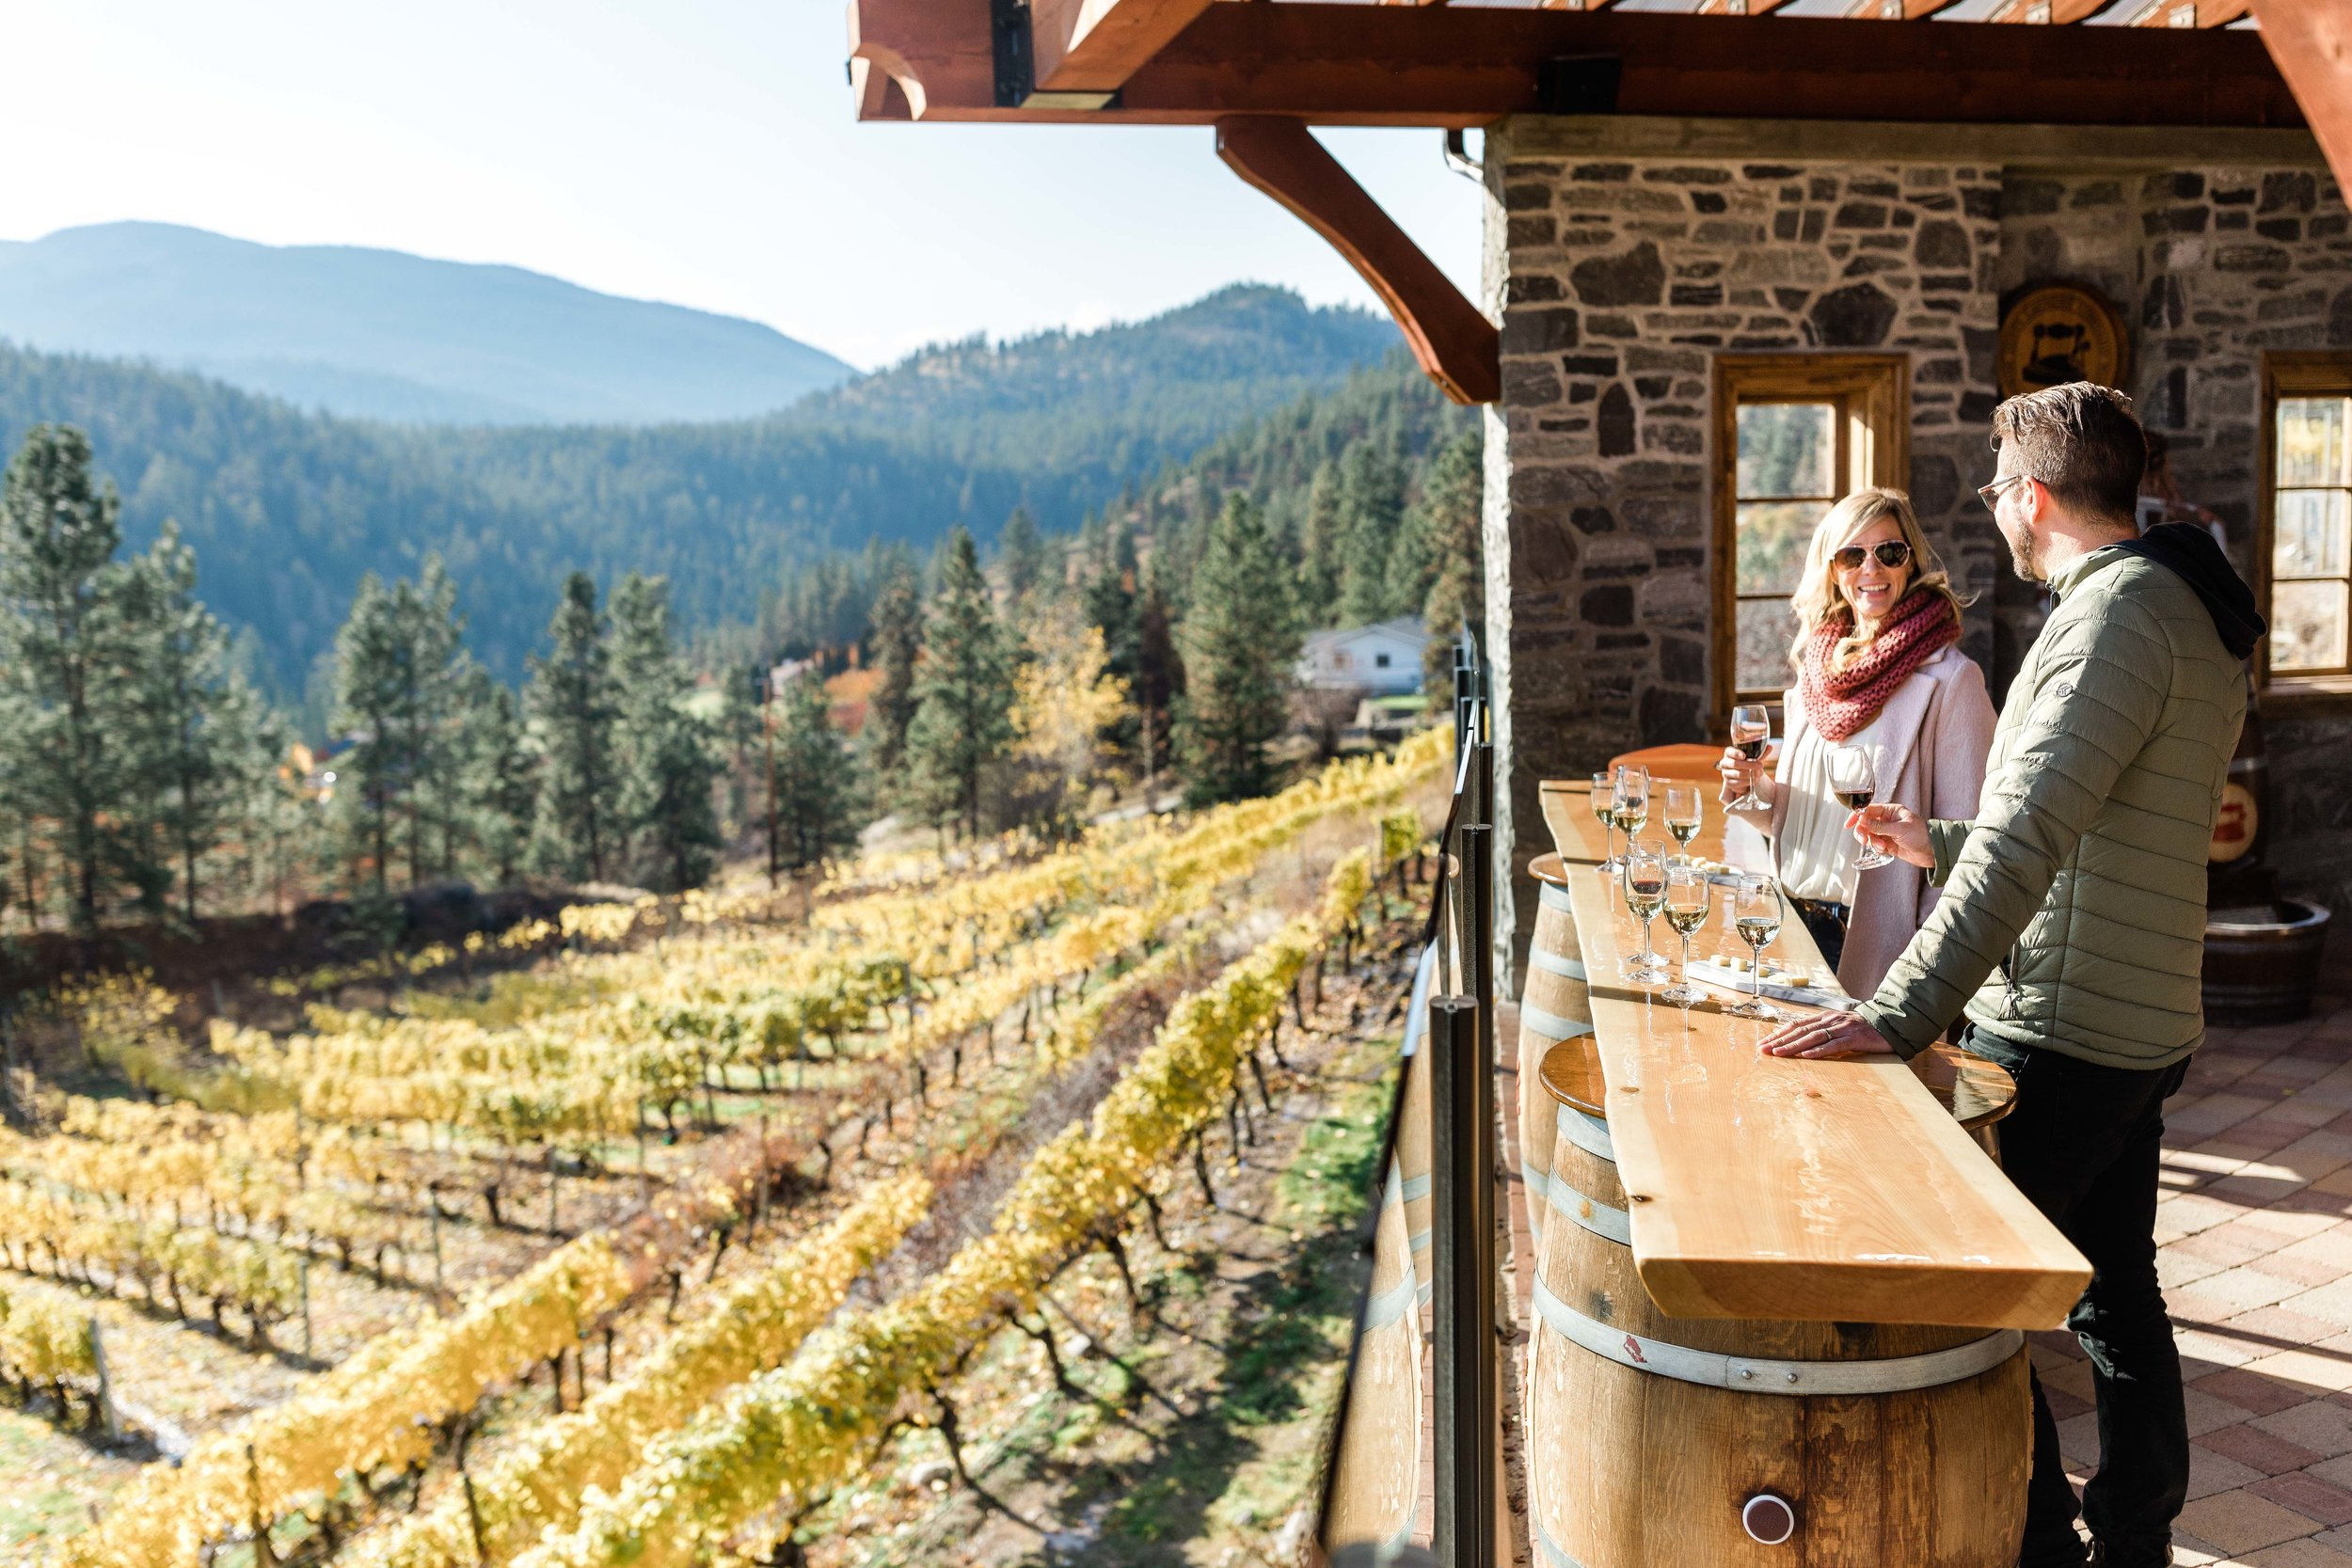 Summerland Wineries in Okanagan Valley Wine Region on AshleyFisher.ca